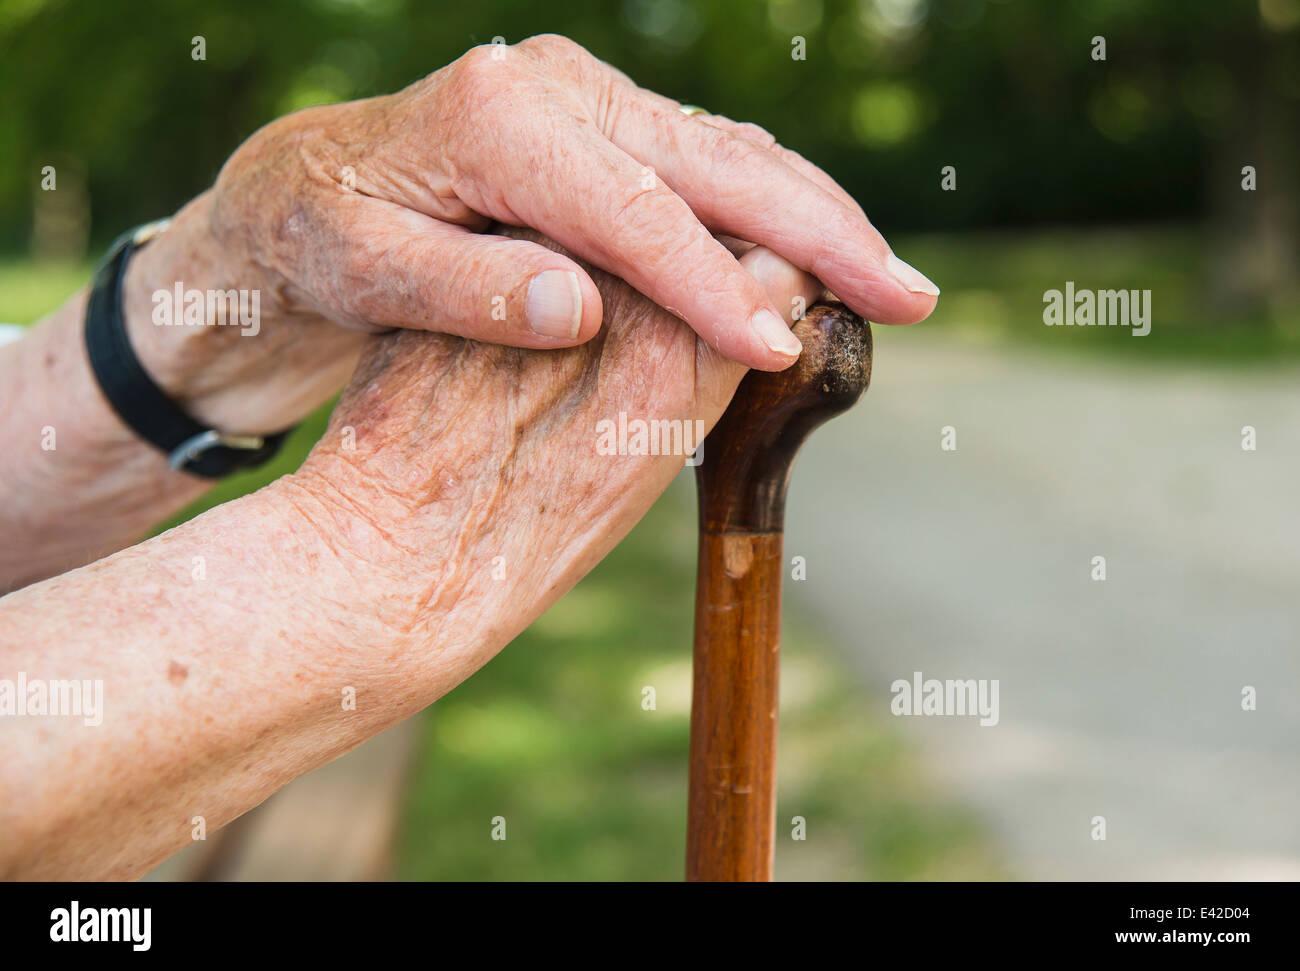 Woman's hands holding, bâton de marche Photo Stock